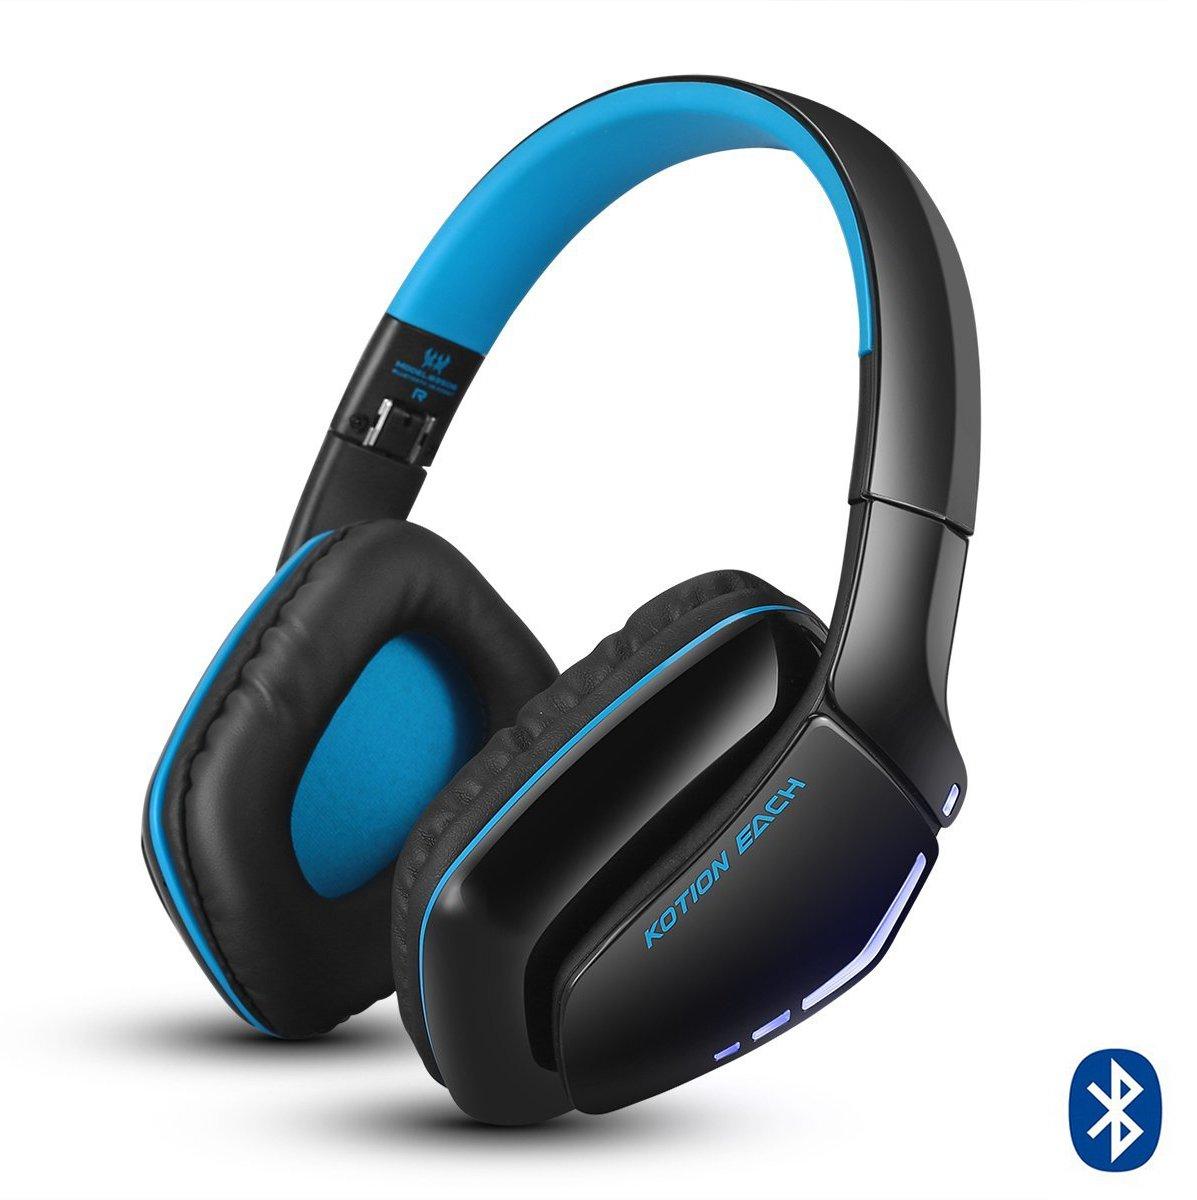 Casque Bluetooth, KOTION EACH B3506 Casque sans fil pour PS4, XBOX, ONE S, Casque de jeu pliable V4.1 avec micro pour Playstation 4, PC, Mac, Smartphones ou Ordinateurs (Orange)